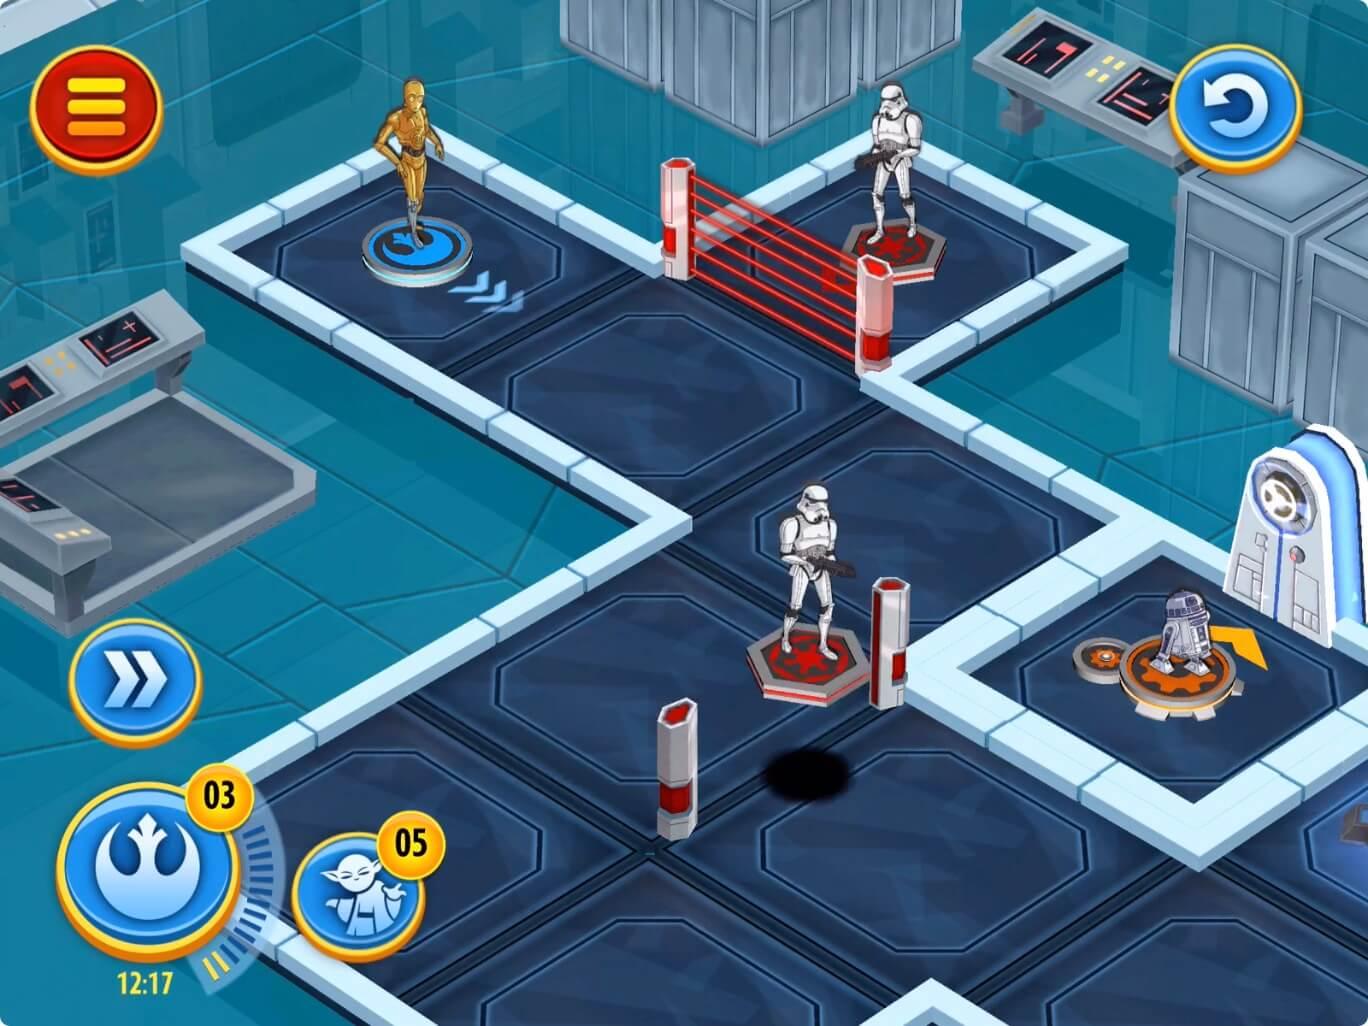 ヒーローパスのゲームを実際にプレイしている画像です。